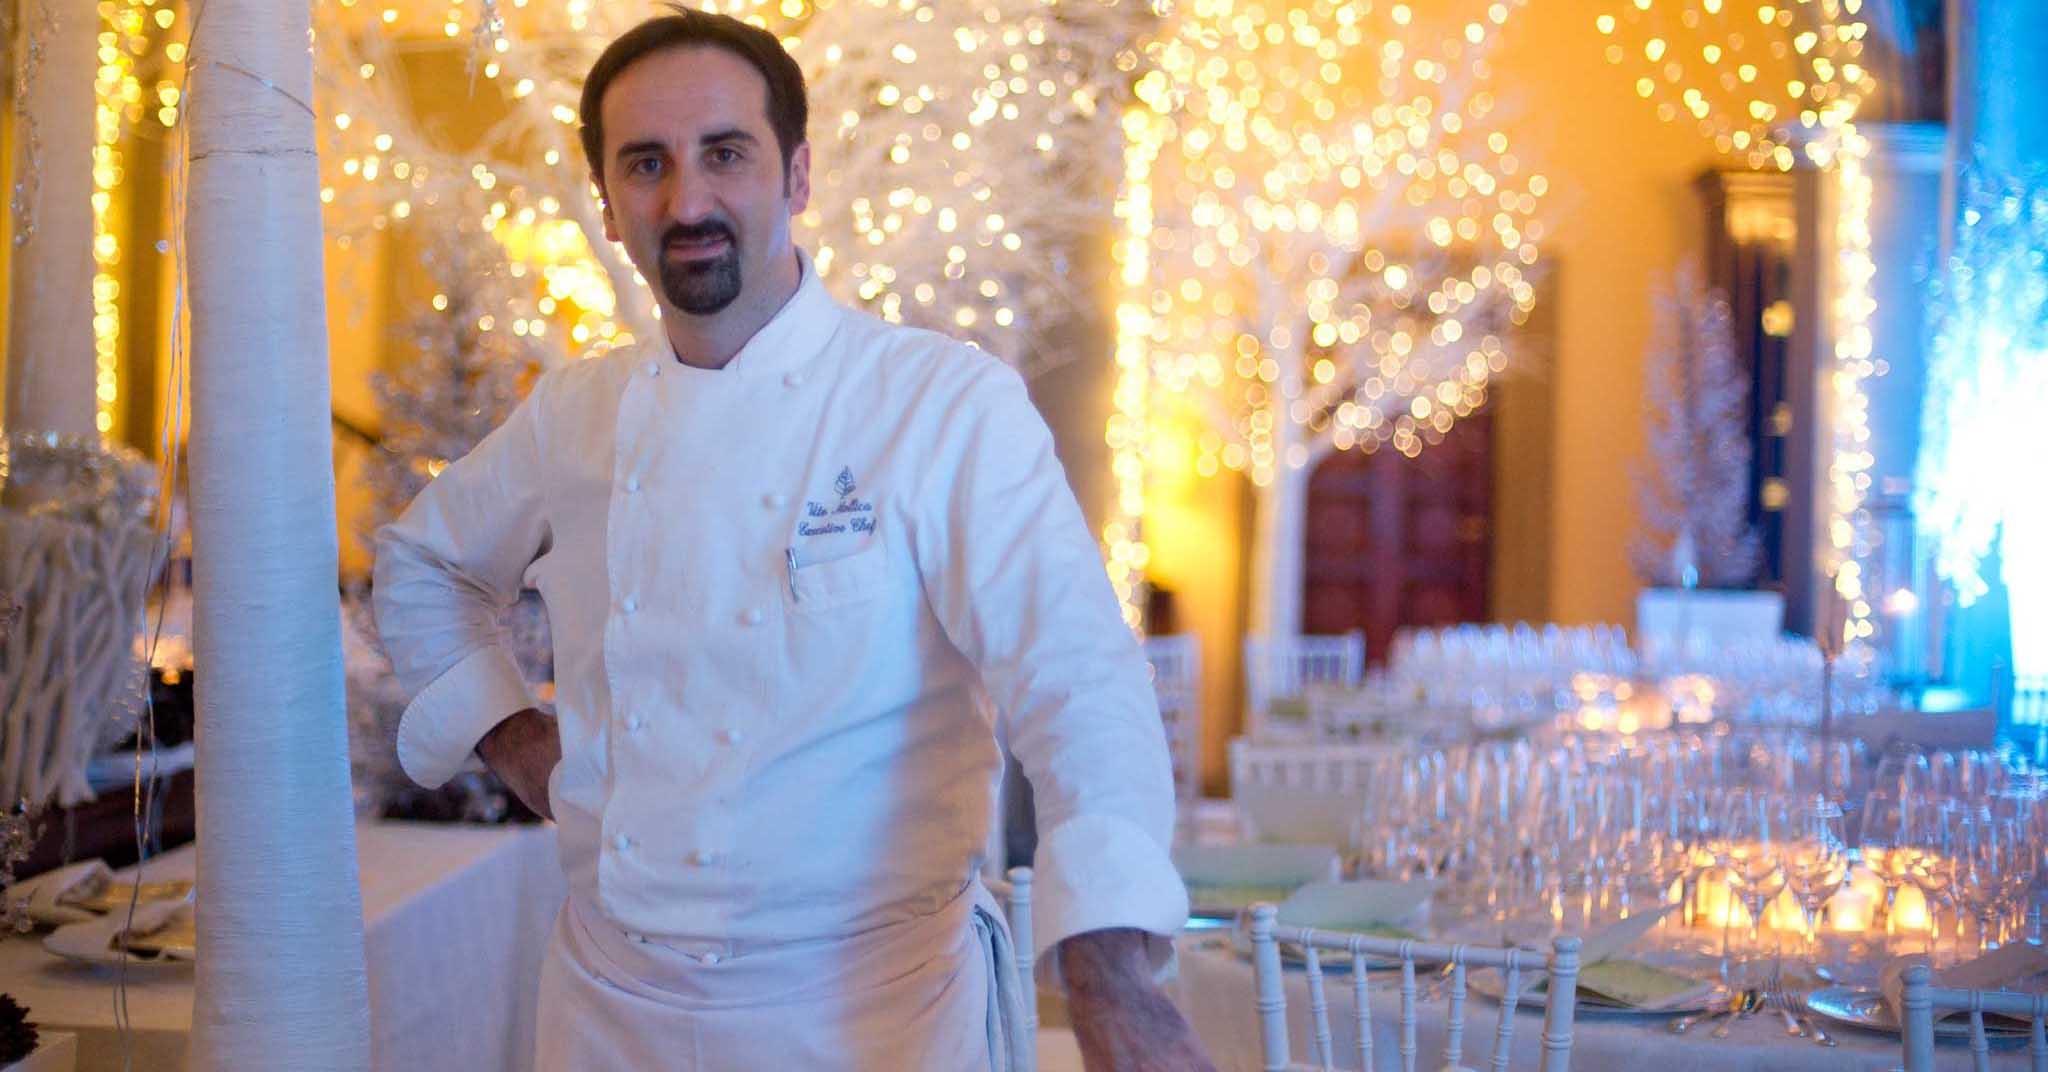 La Credenza Ristorante Stella Michelin : Il natale più ricco con i menu di ristoranti stella michelin